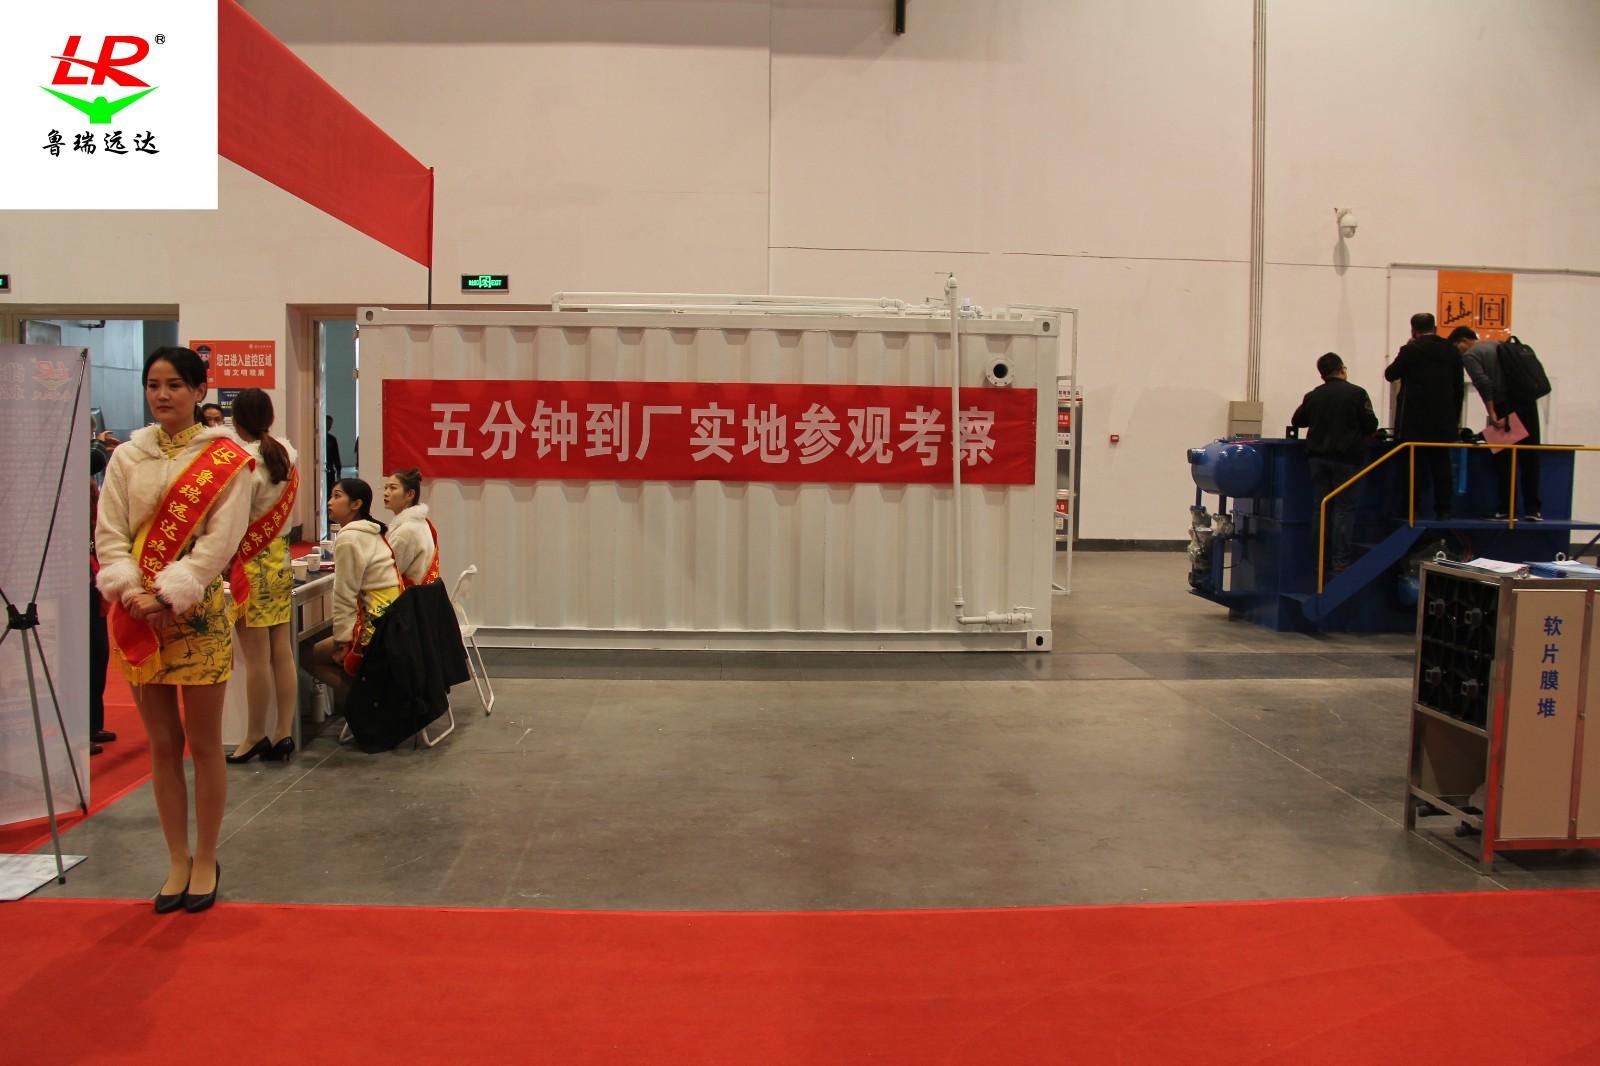 宁夏工厂生活污水处理设备一站式解决污水问题